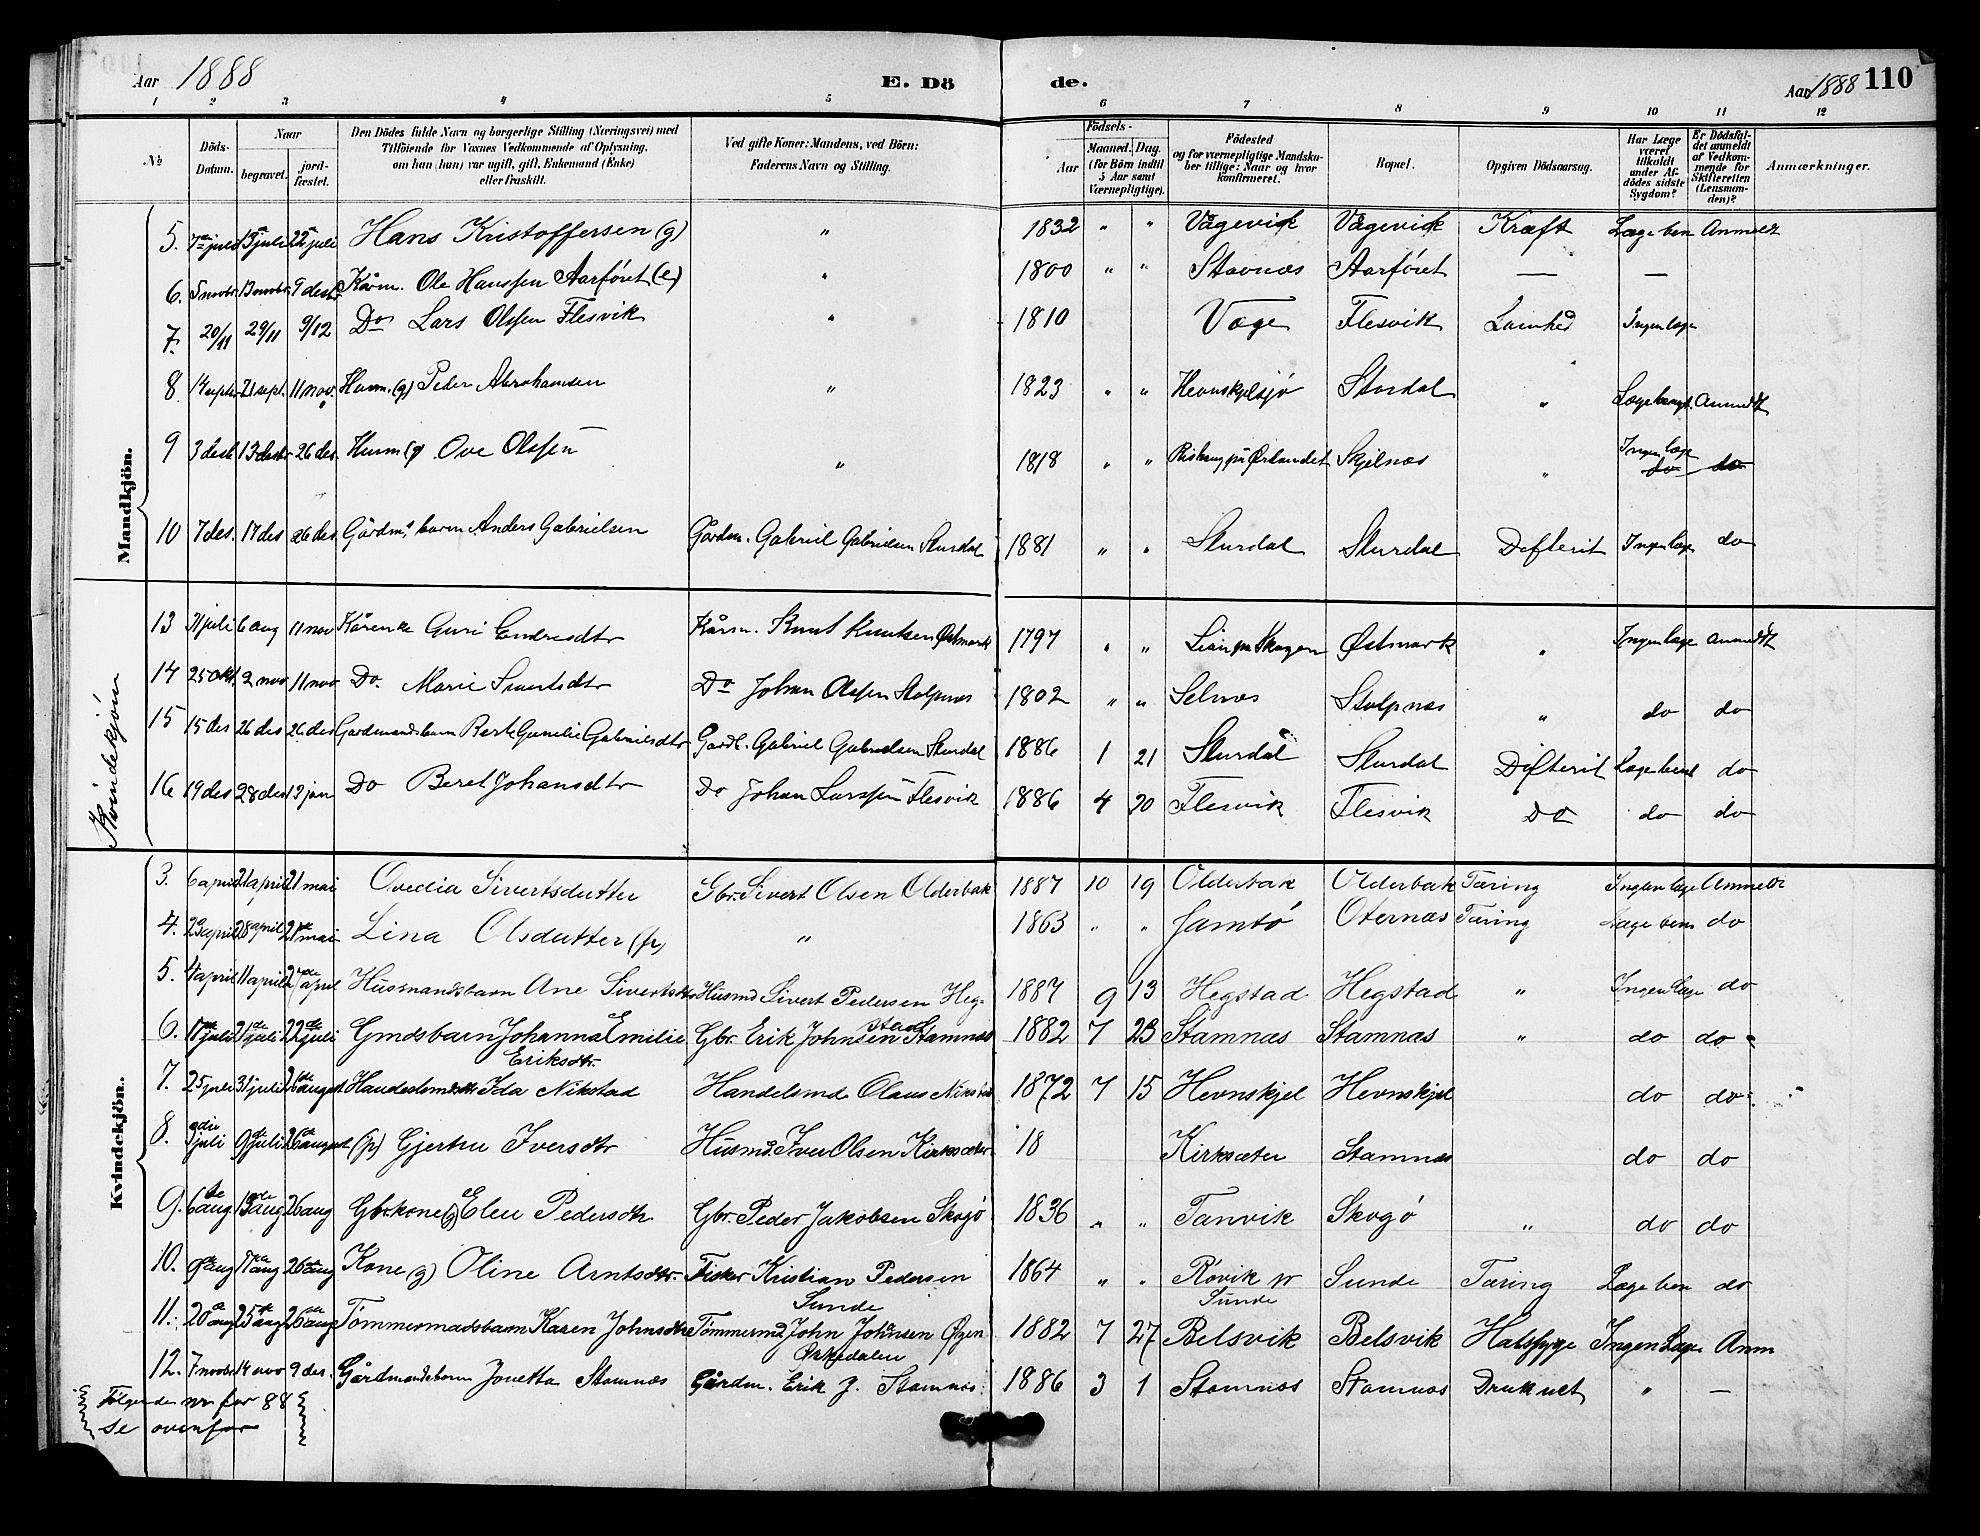 SAT, Ministerialprotokoller, klokkerbøker og fødselsregistre - Sør-Trøndelag, 633/L0519: Klokkerbok nr. 633C01, 1884-1905, s. 110